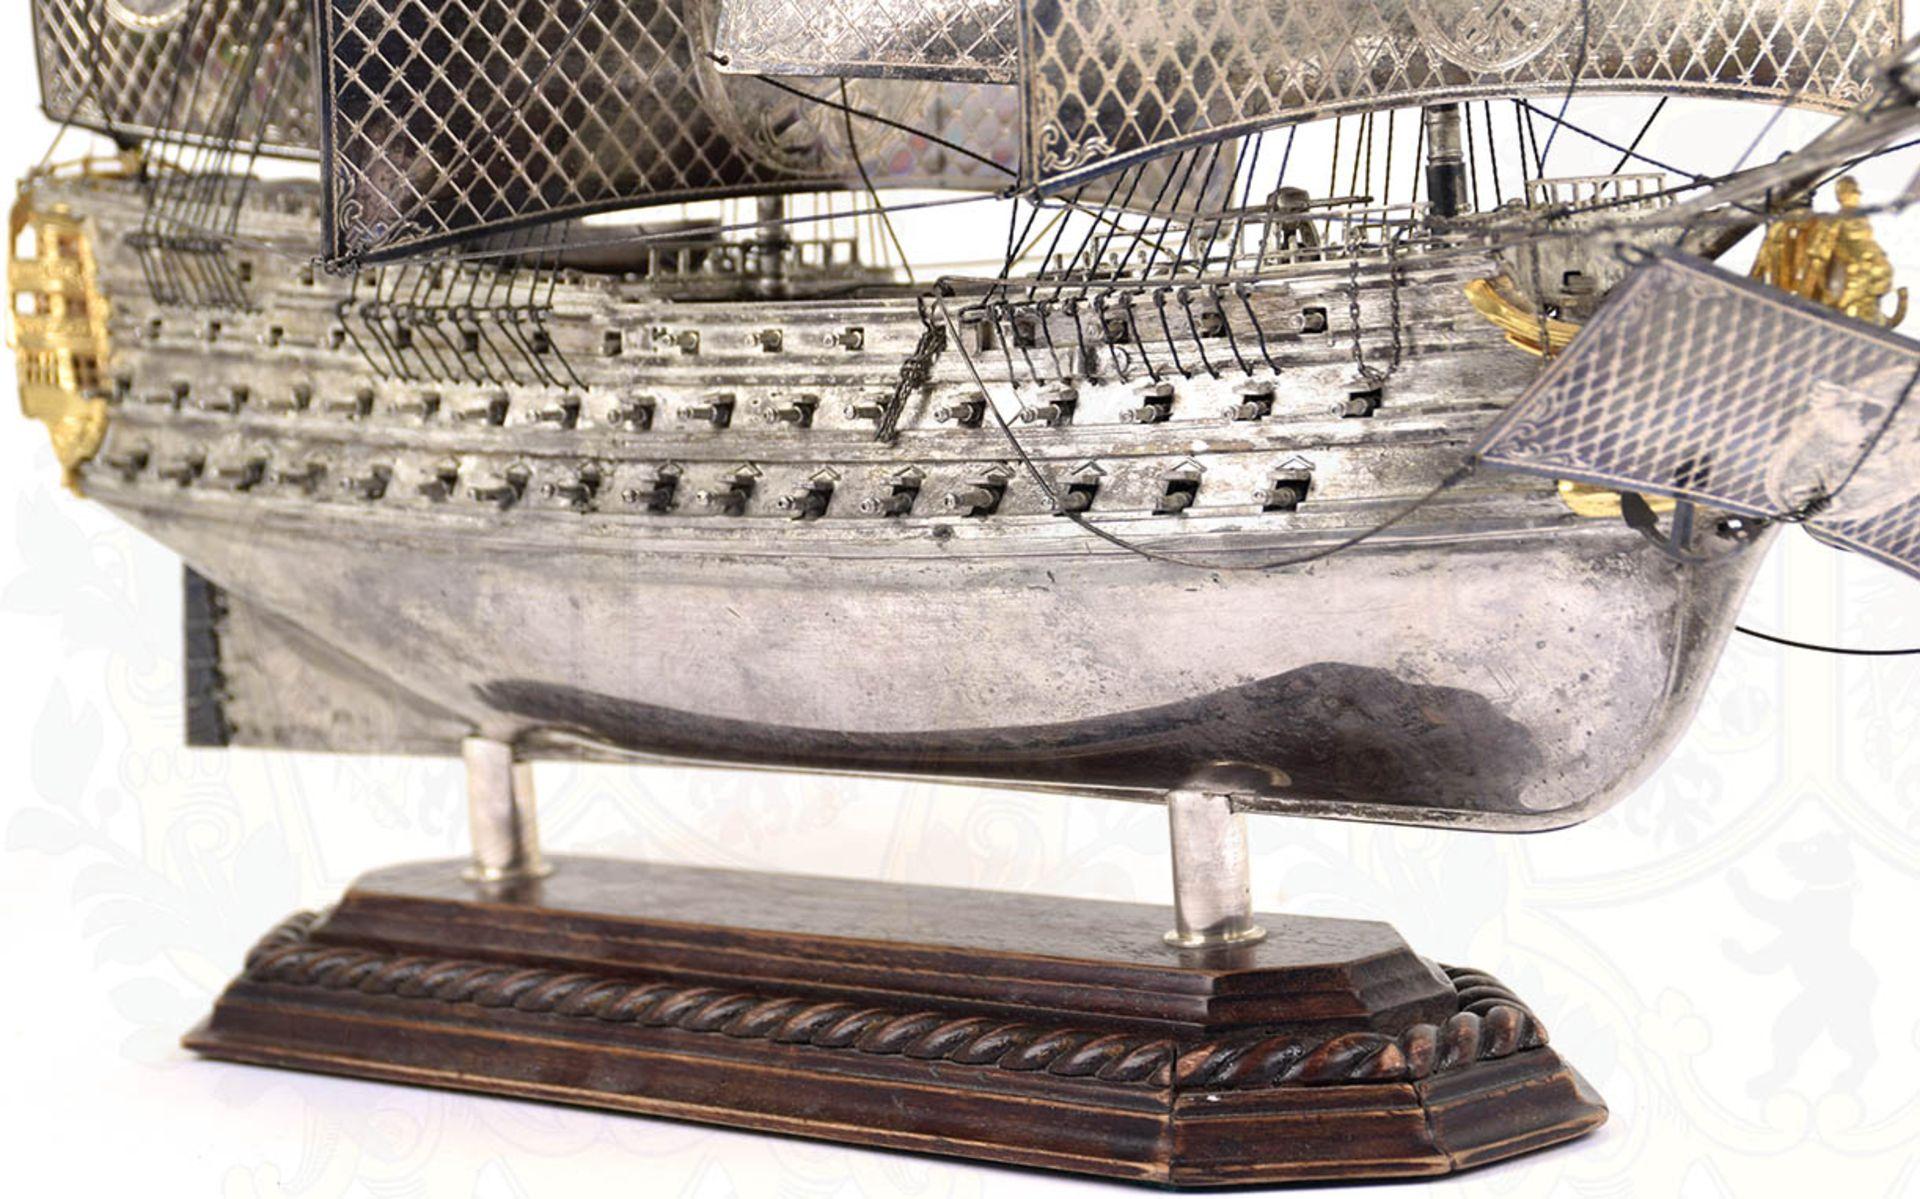 MODELL-LINIENSCHIFF, Dreidecker-Segellinienschiff der 2. Hälfte des 18. Jhd. mit 100 Kanonen, - Bild 9 aus 15